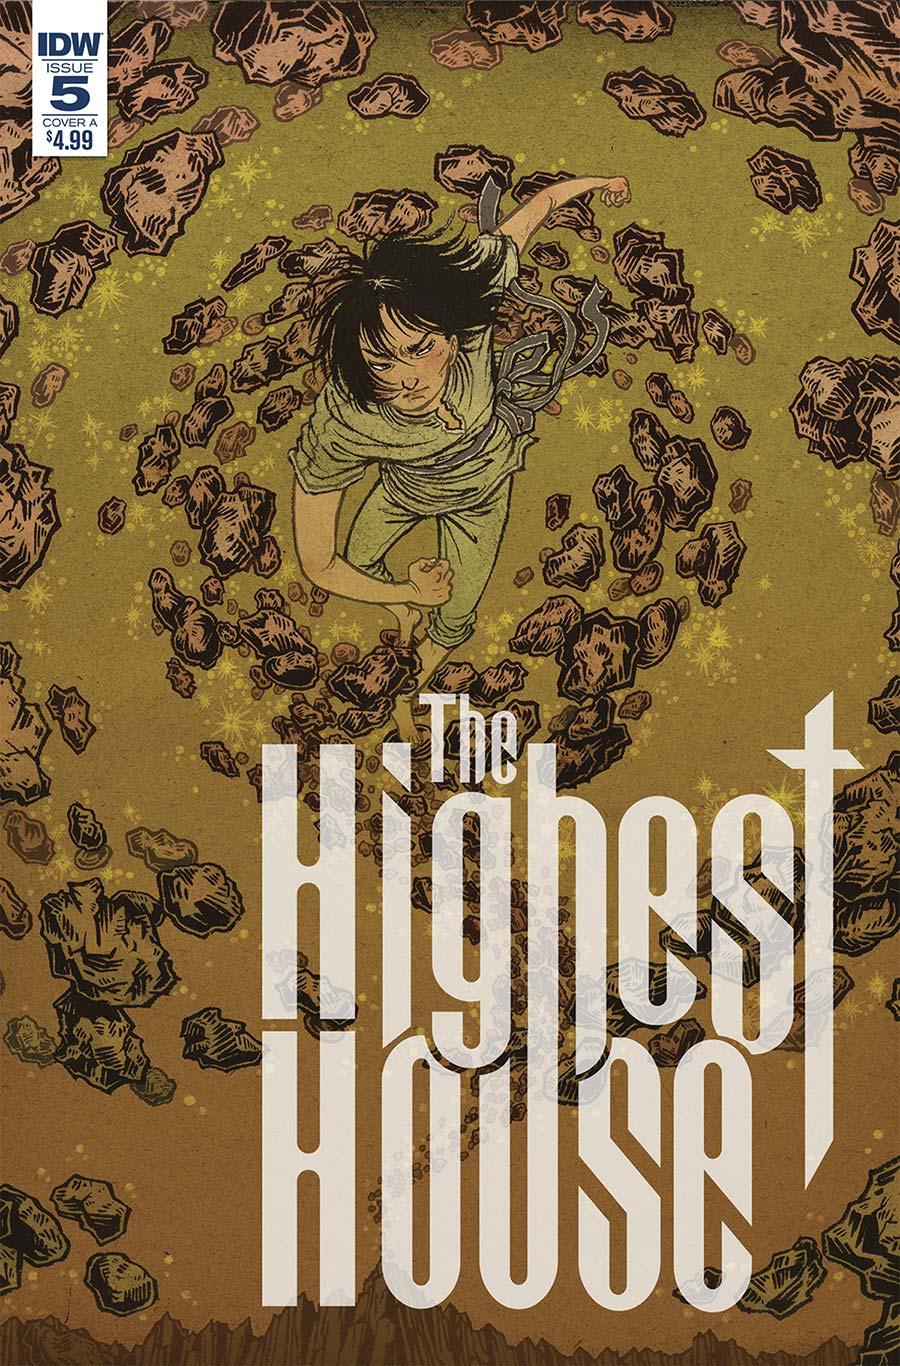 The Highest House